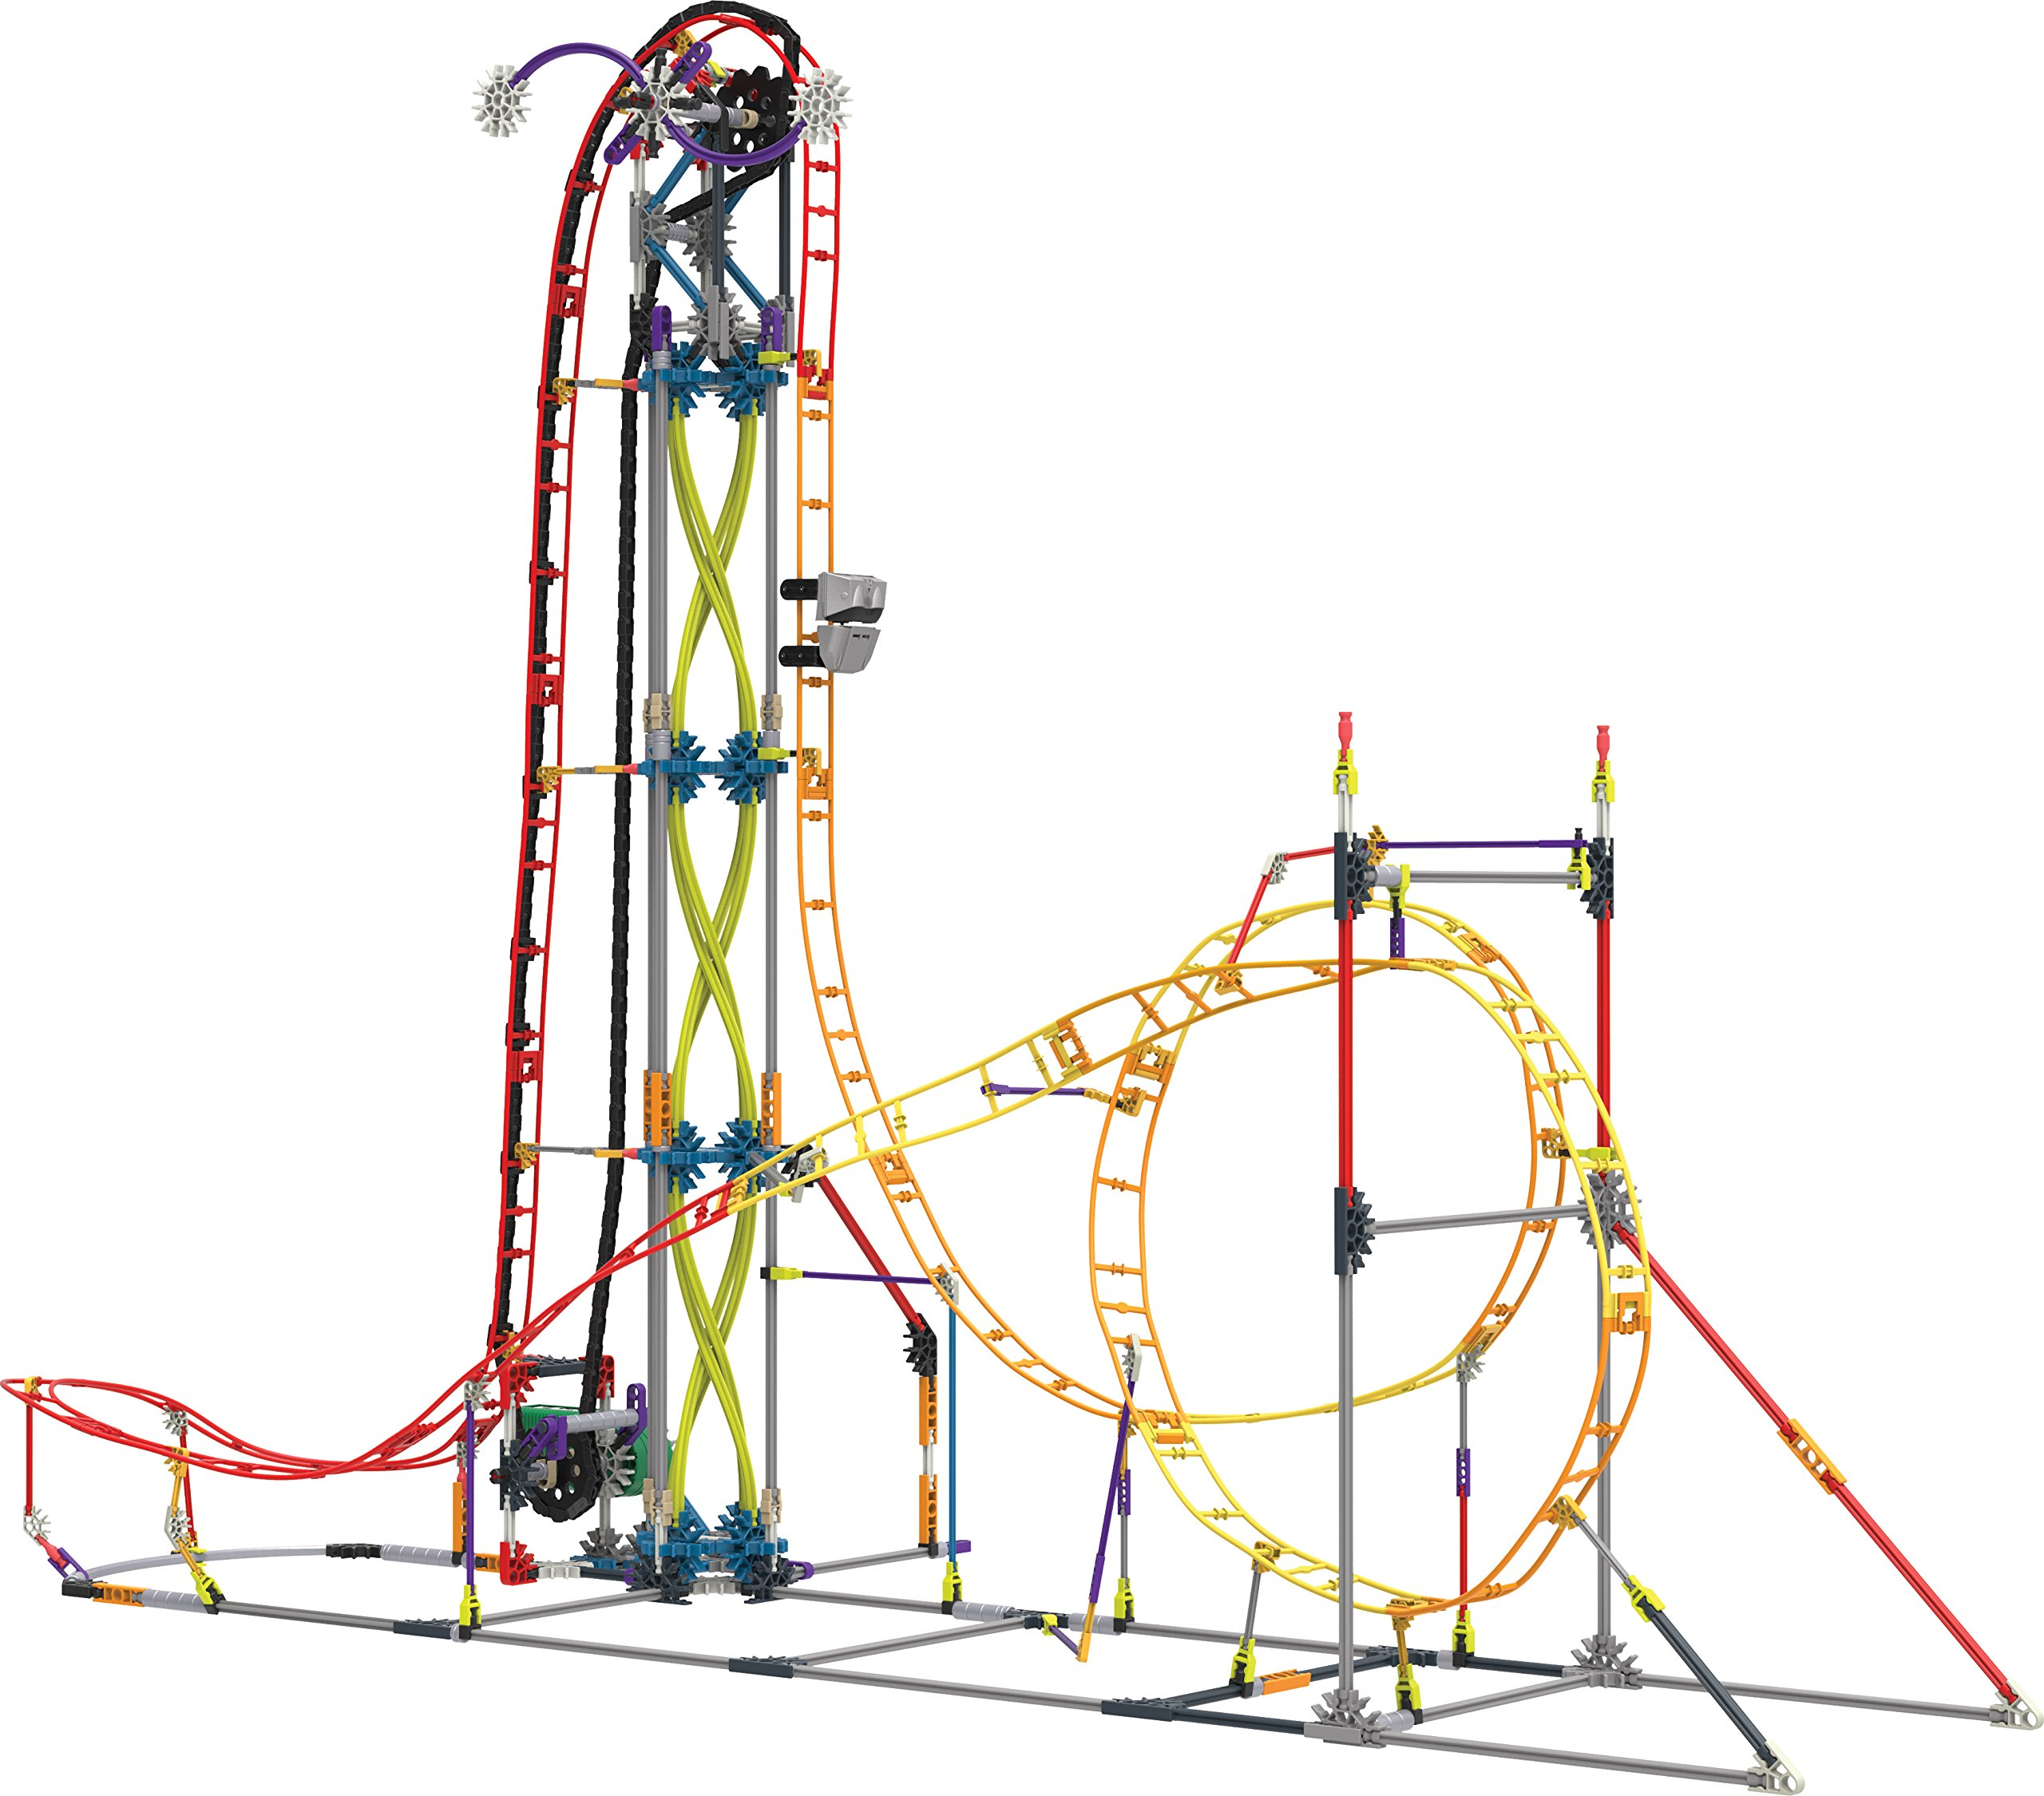 Buy Knex Thrill Rides Supernova Blast Roller Coaster Building Set In